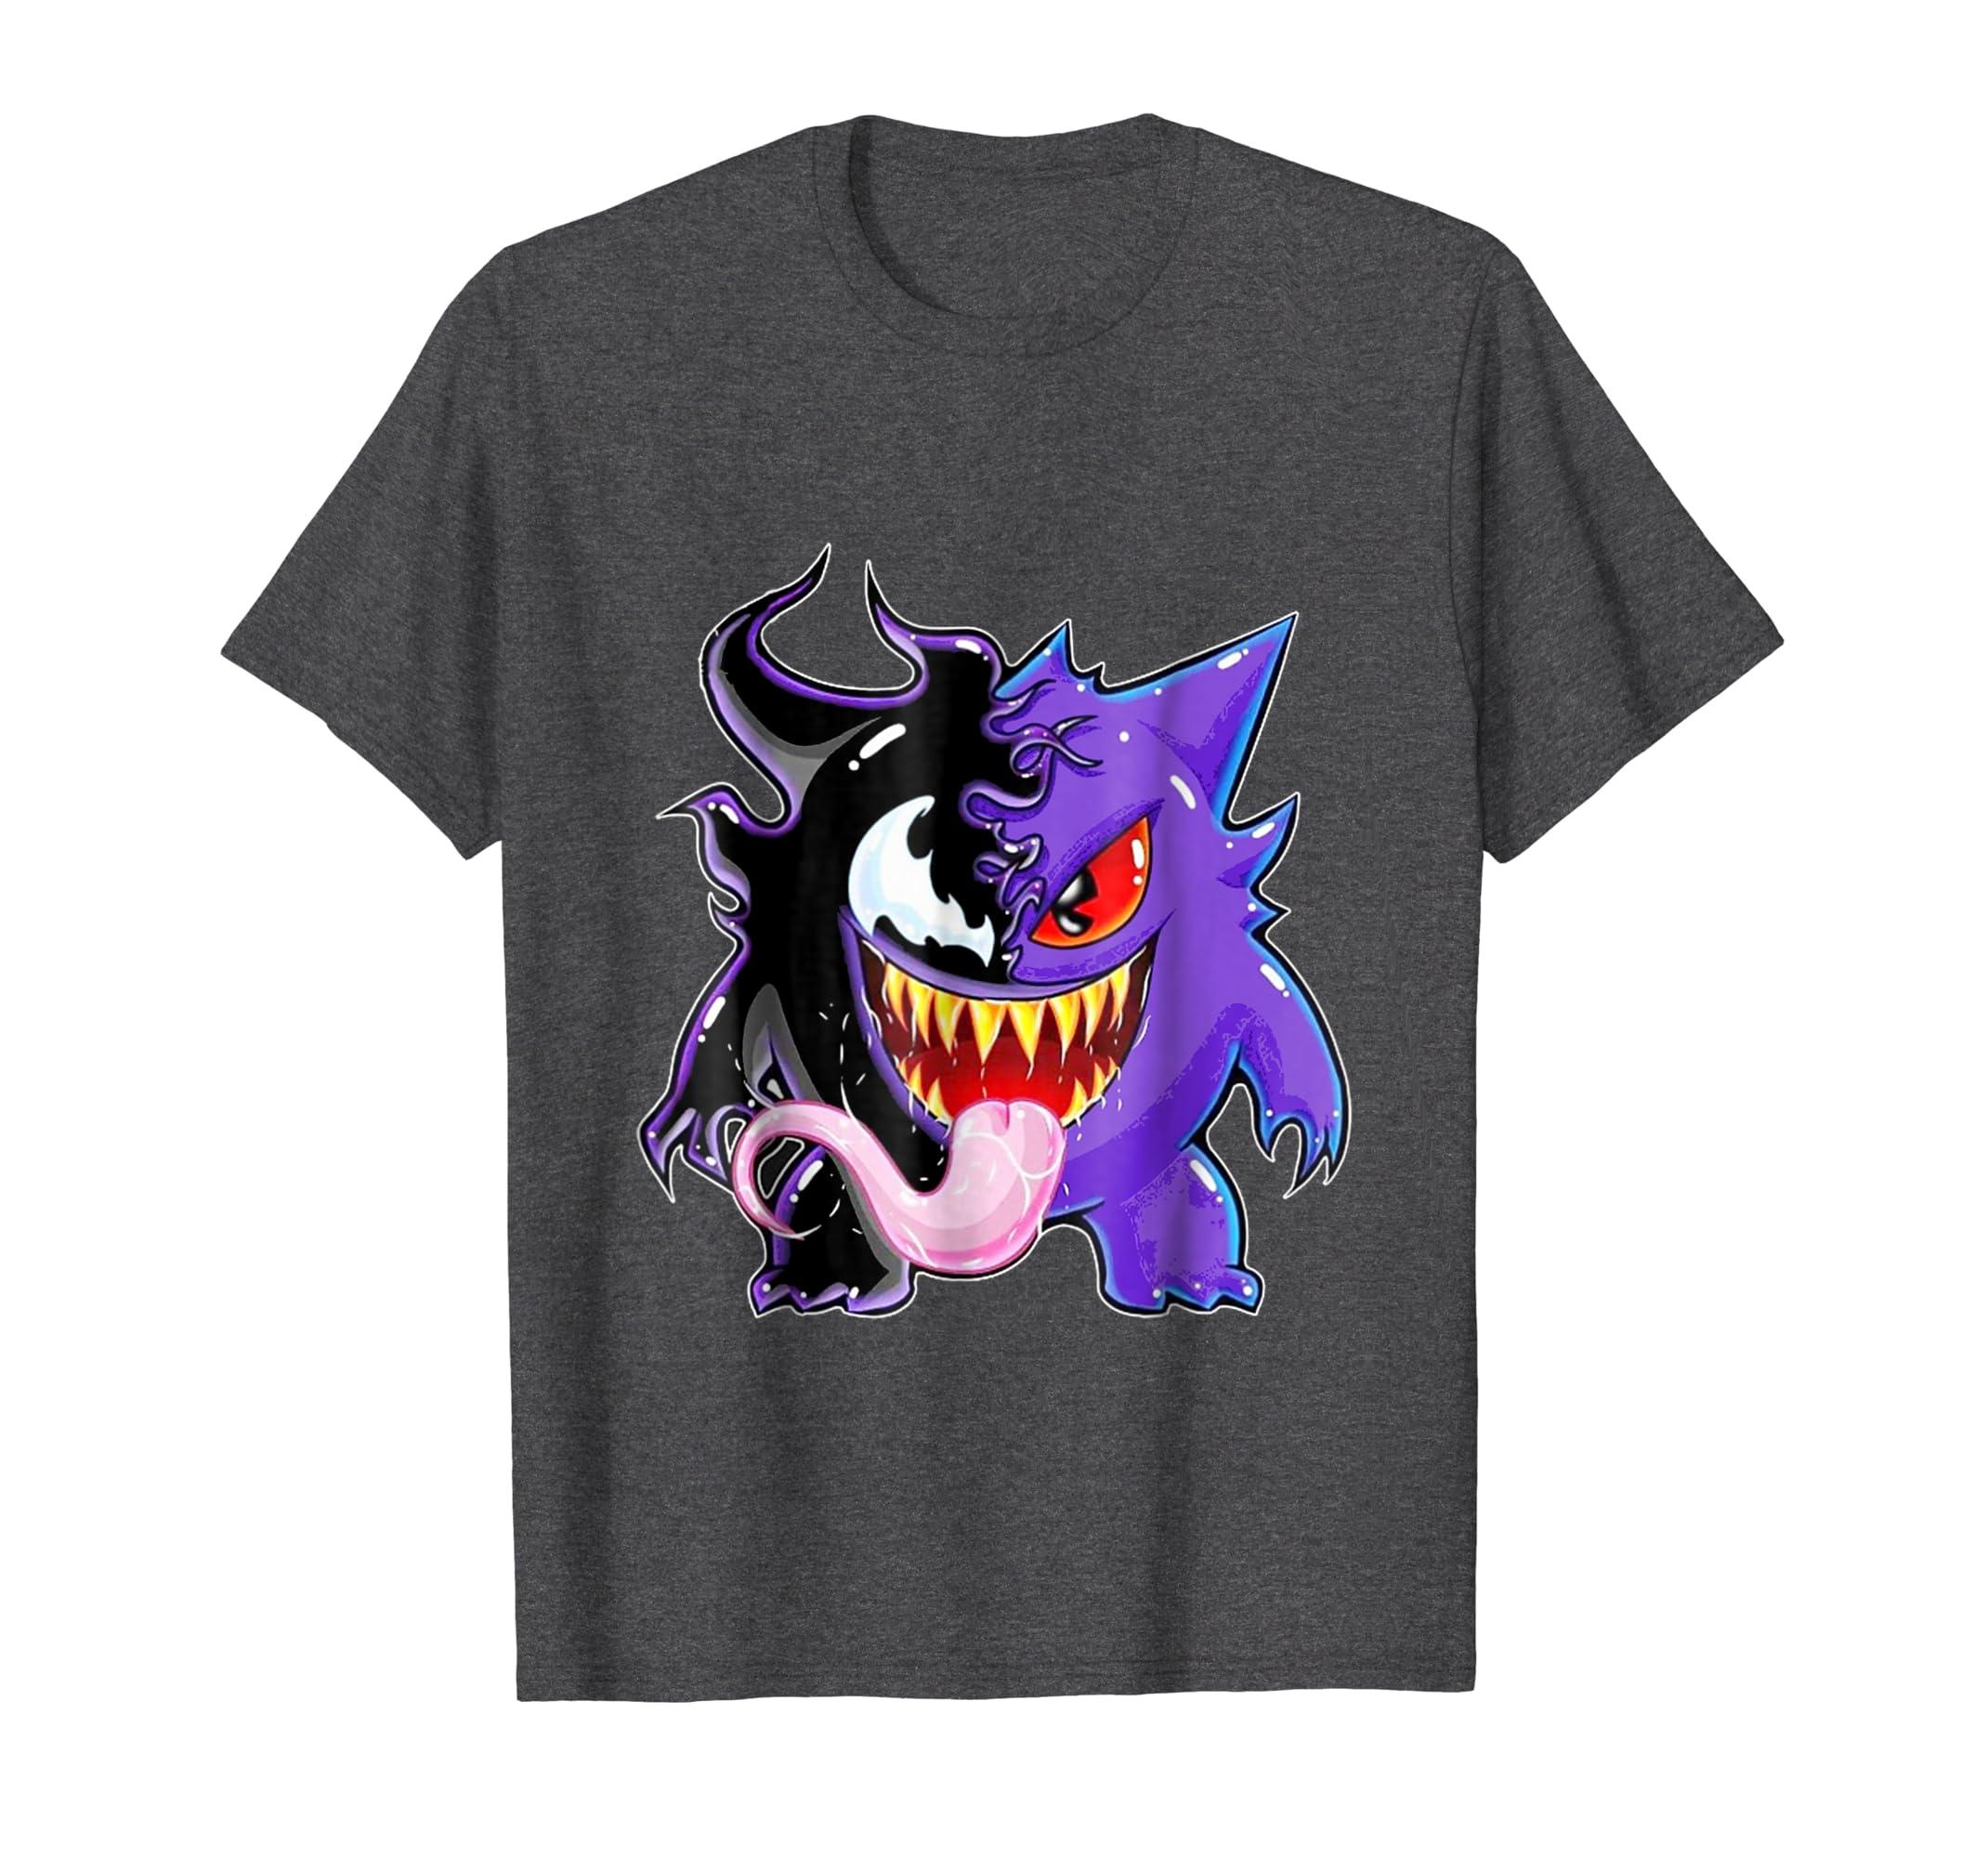 Pokemon Christmas Sweater.Halloween Ugly Christmas Sweater Pokemon Starter T Shirt Teechatpro